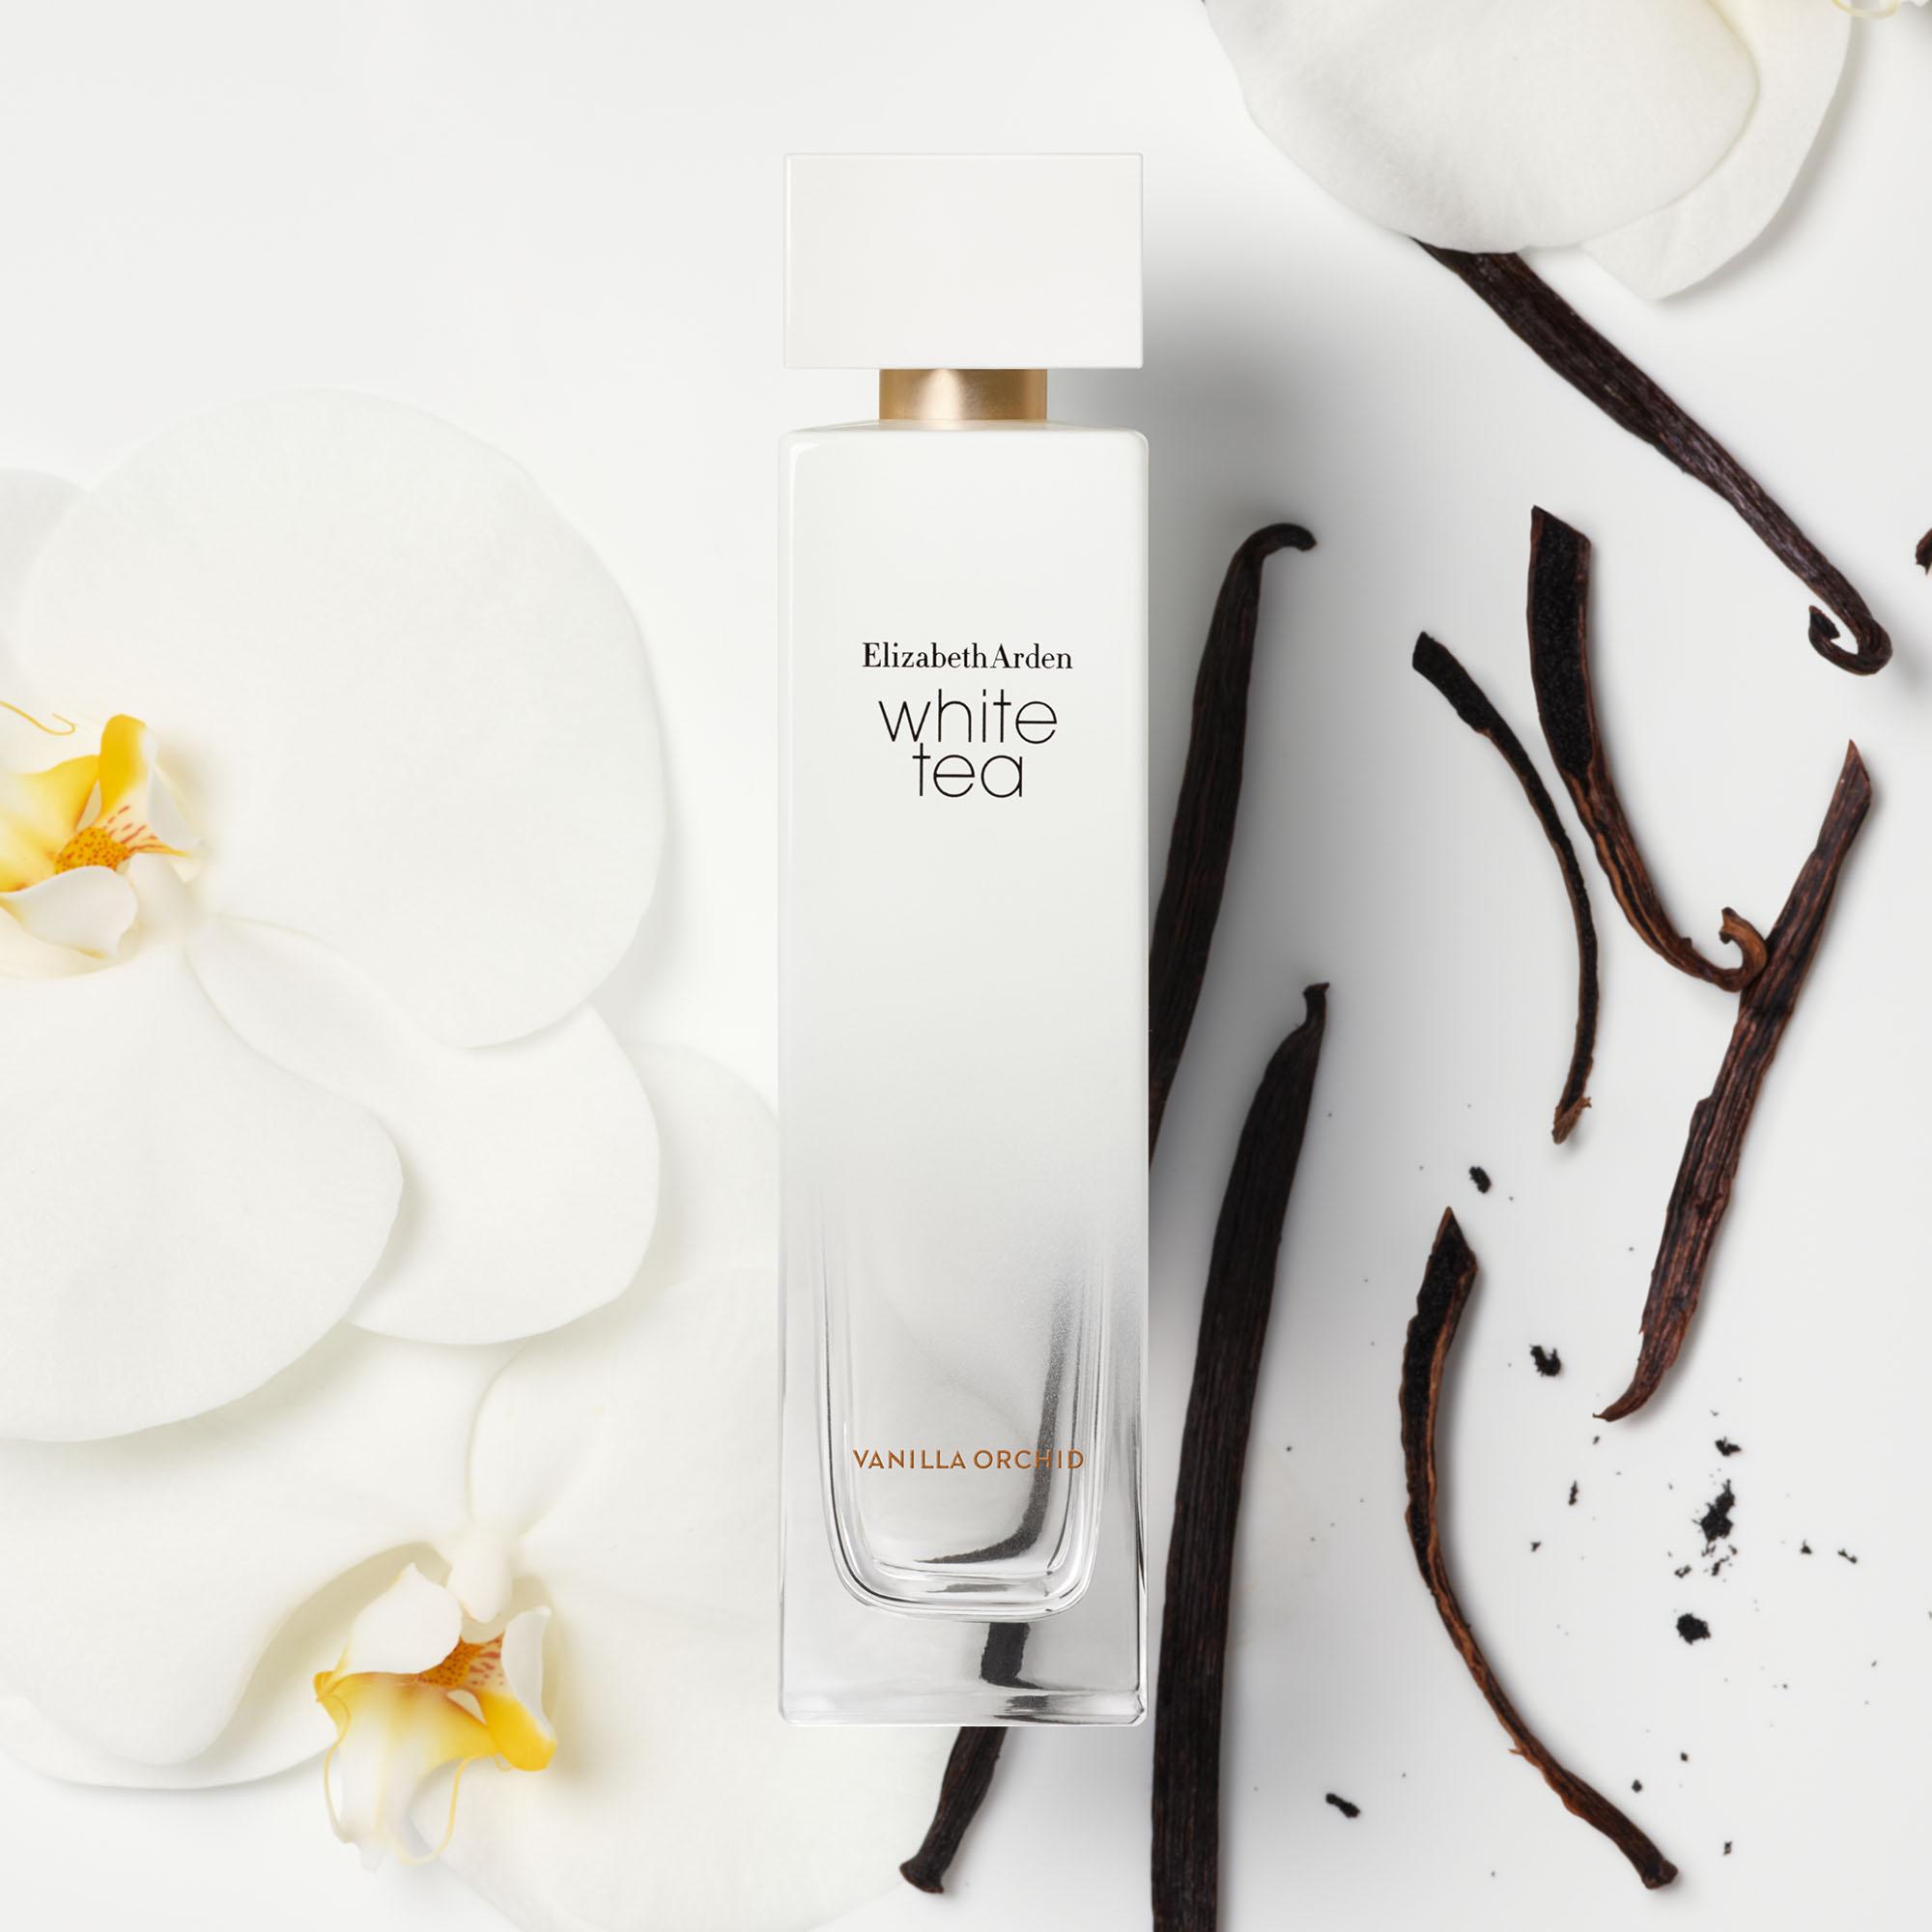 White Tea Vanilla Orchid - Eau De Toilette Fragrance, , large